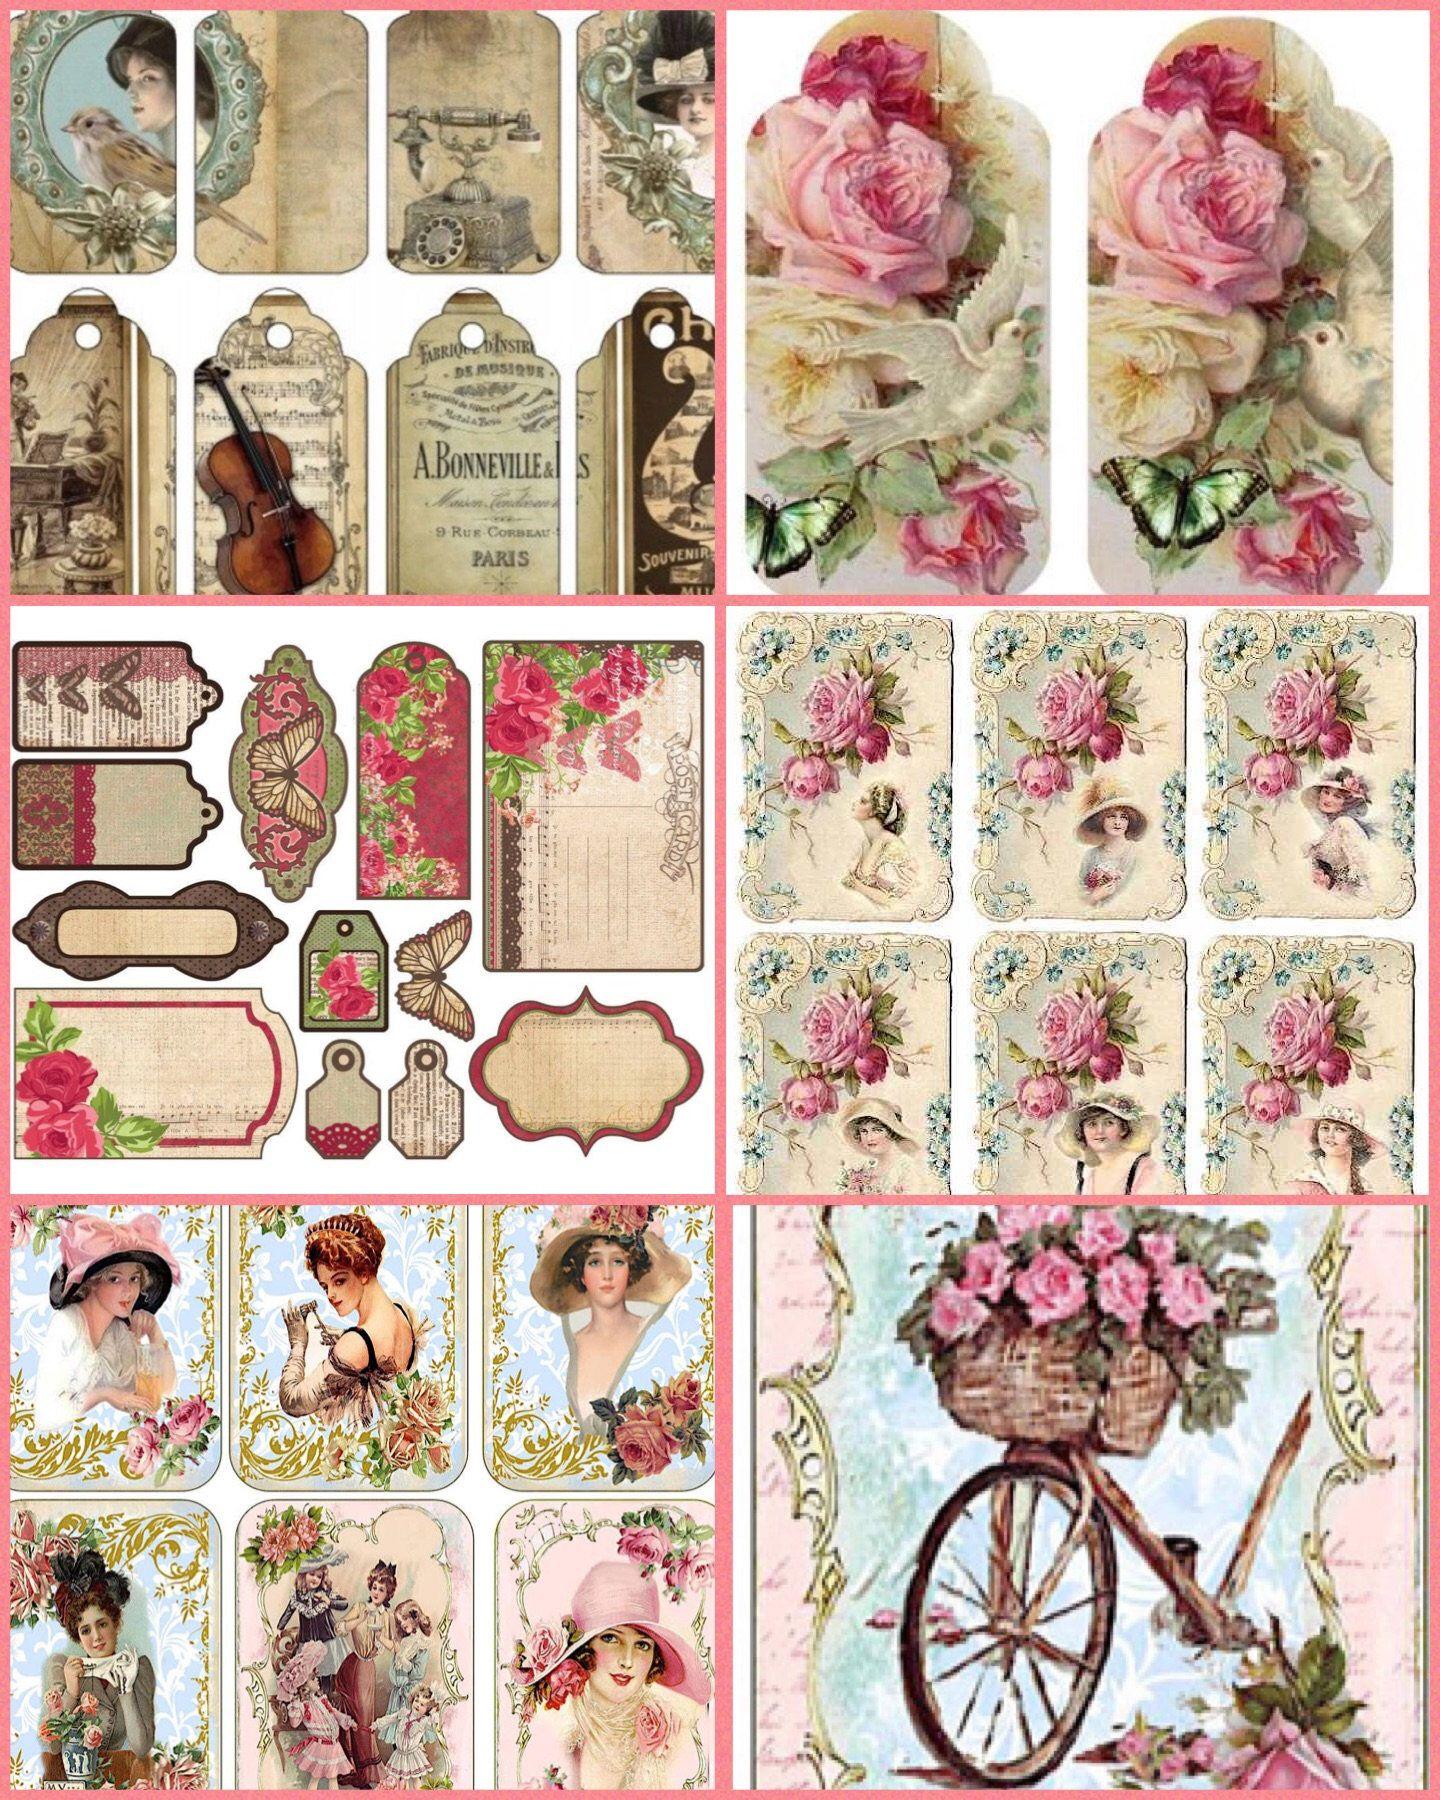 40 Adorable Vintage Stickers Vintage Planner Stickers Etsy In 2020 Etsy Vintage Cards Planner Stickers